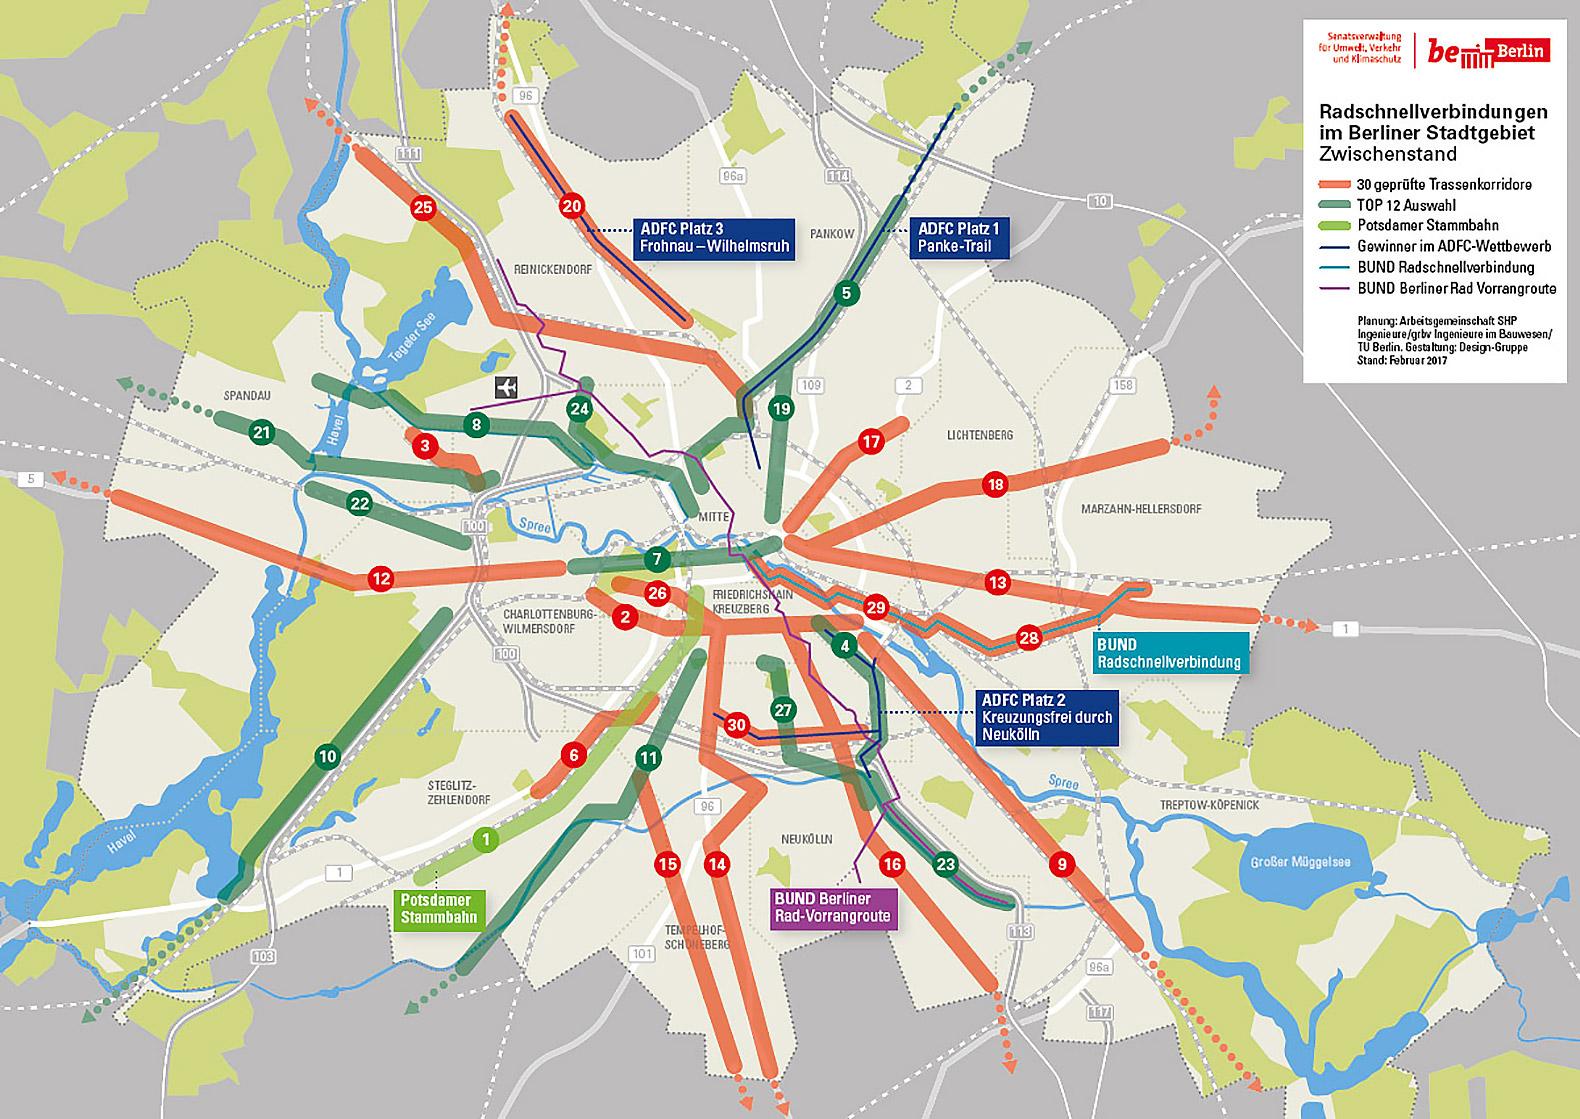 Berlim irá construir super-ciclovias que ligam o centro aos subúrbios da cidade